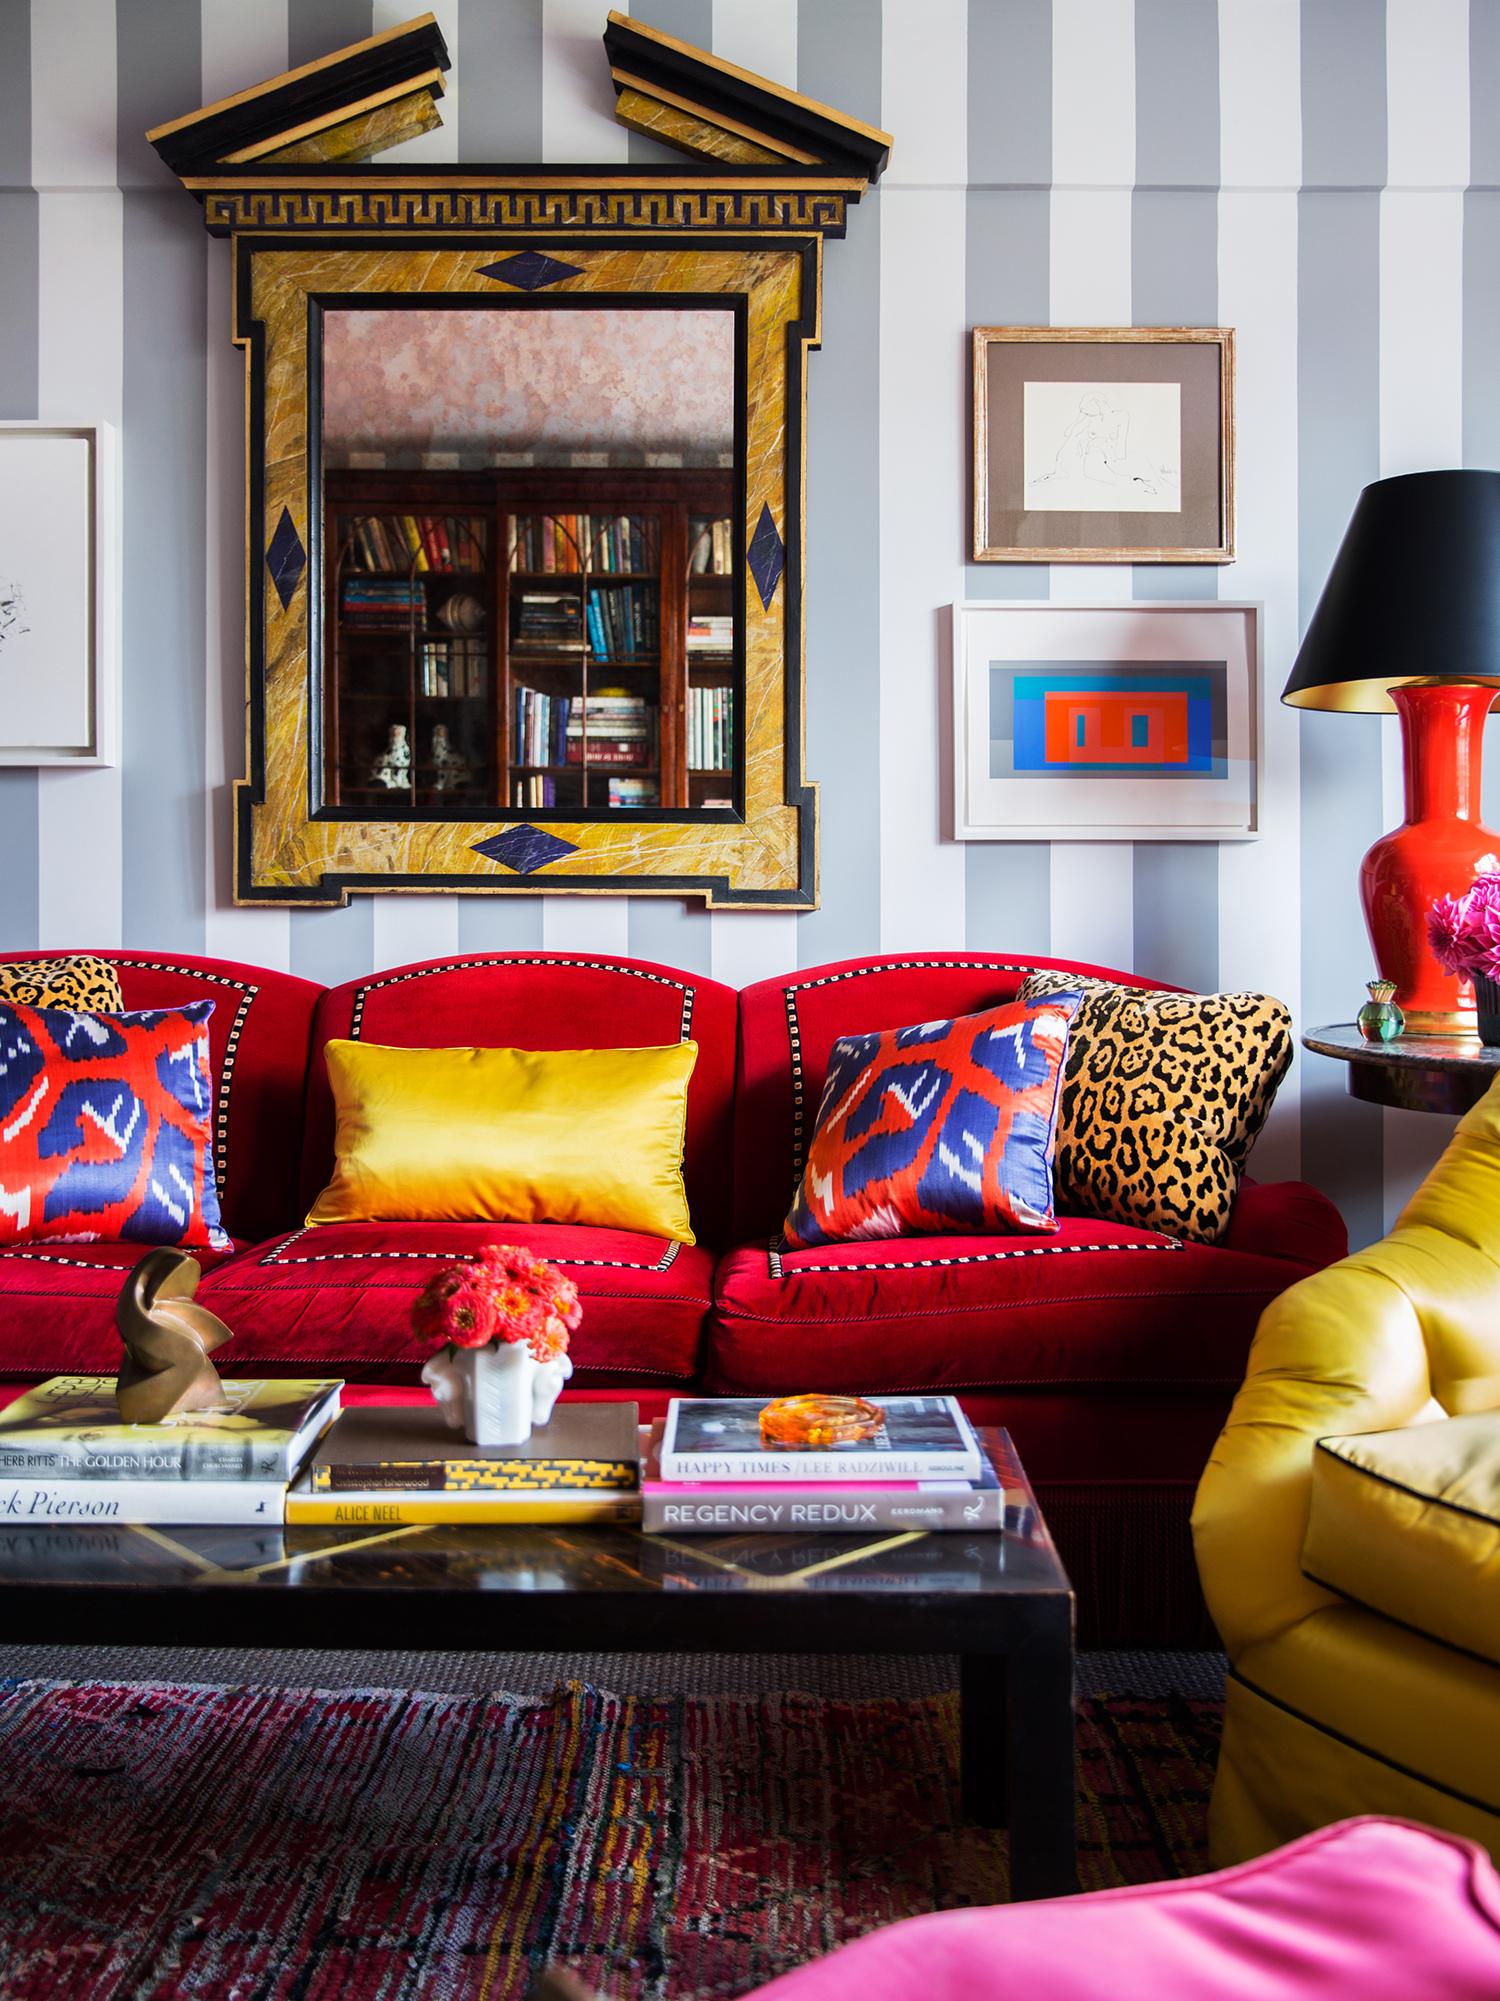 Interior Design by Nick Olsen | House & Garden